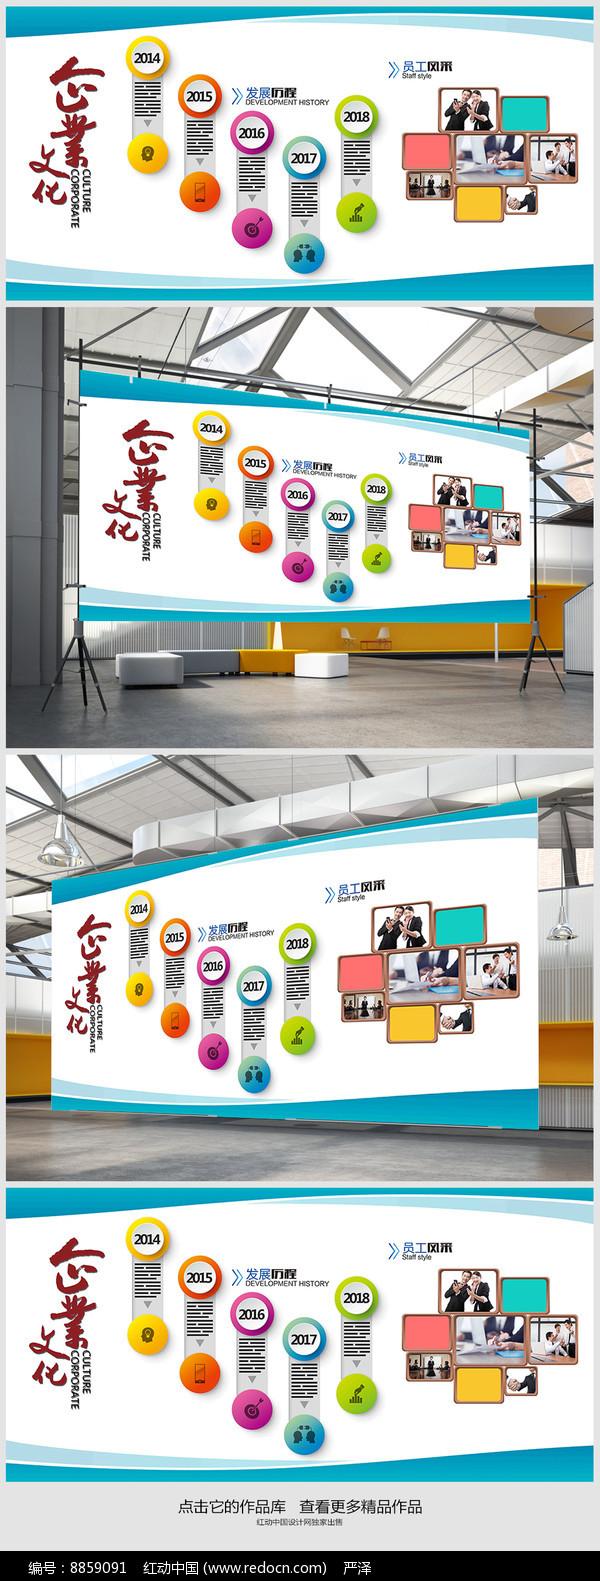 员工风采企业文化墙展板图片